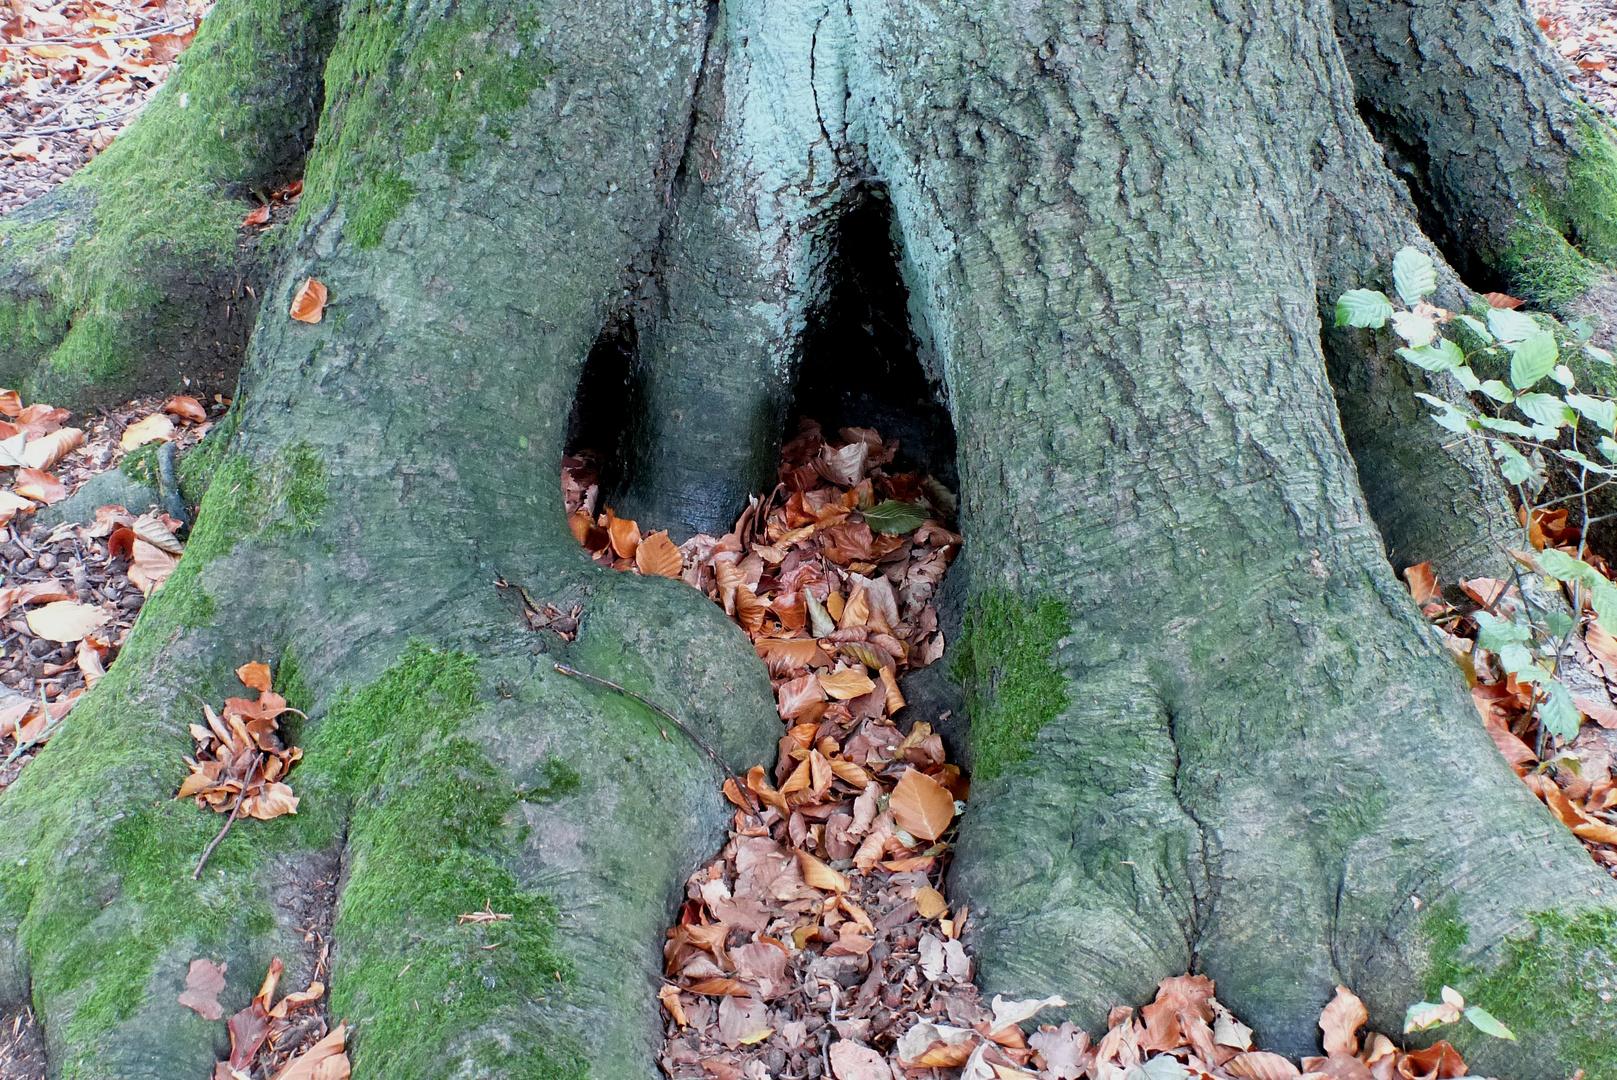 Mysteriöse Höhle in der Baumwurzel